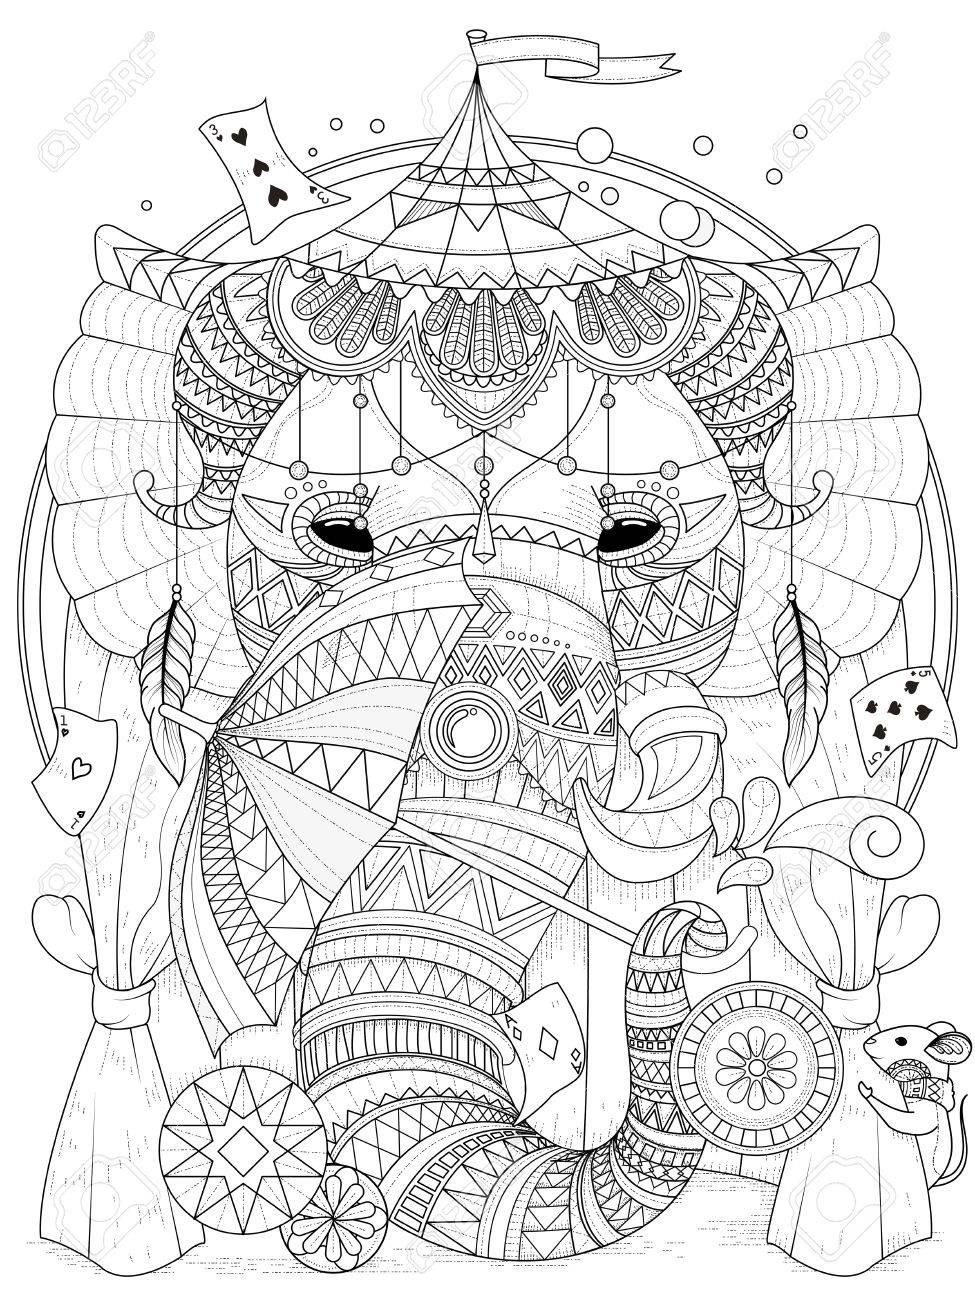 Coloriage Adulte Cirque.Coloriage Adulte Elephant Dans Le Cirque Avec Des Accessoires De